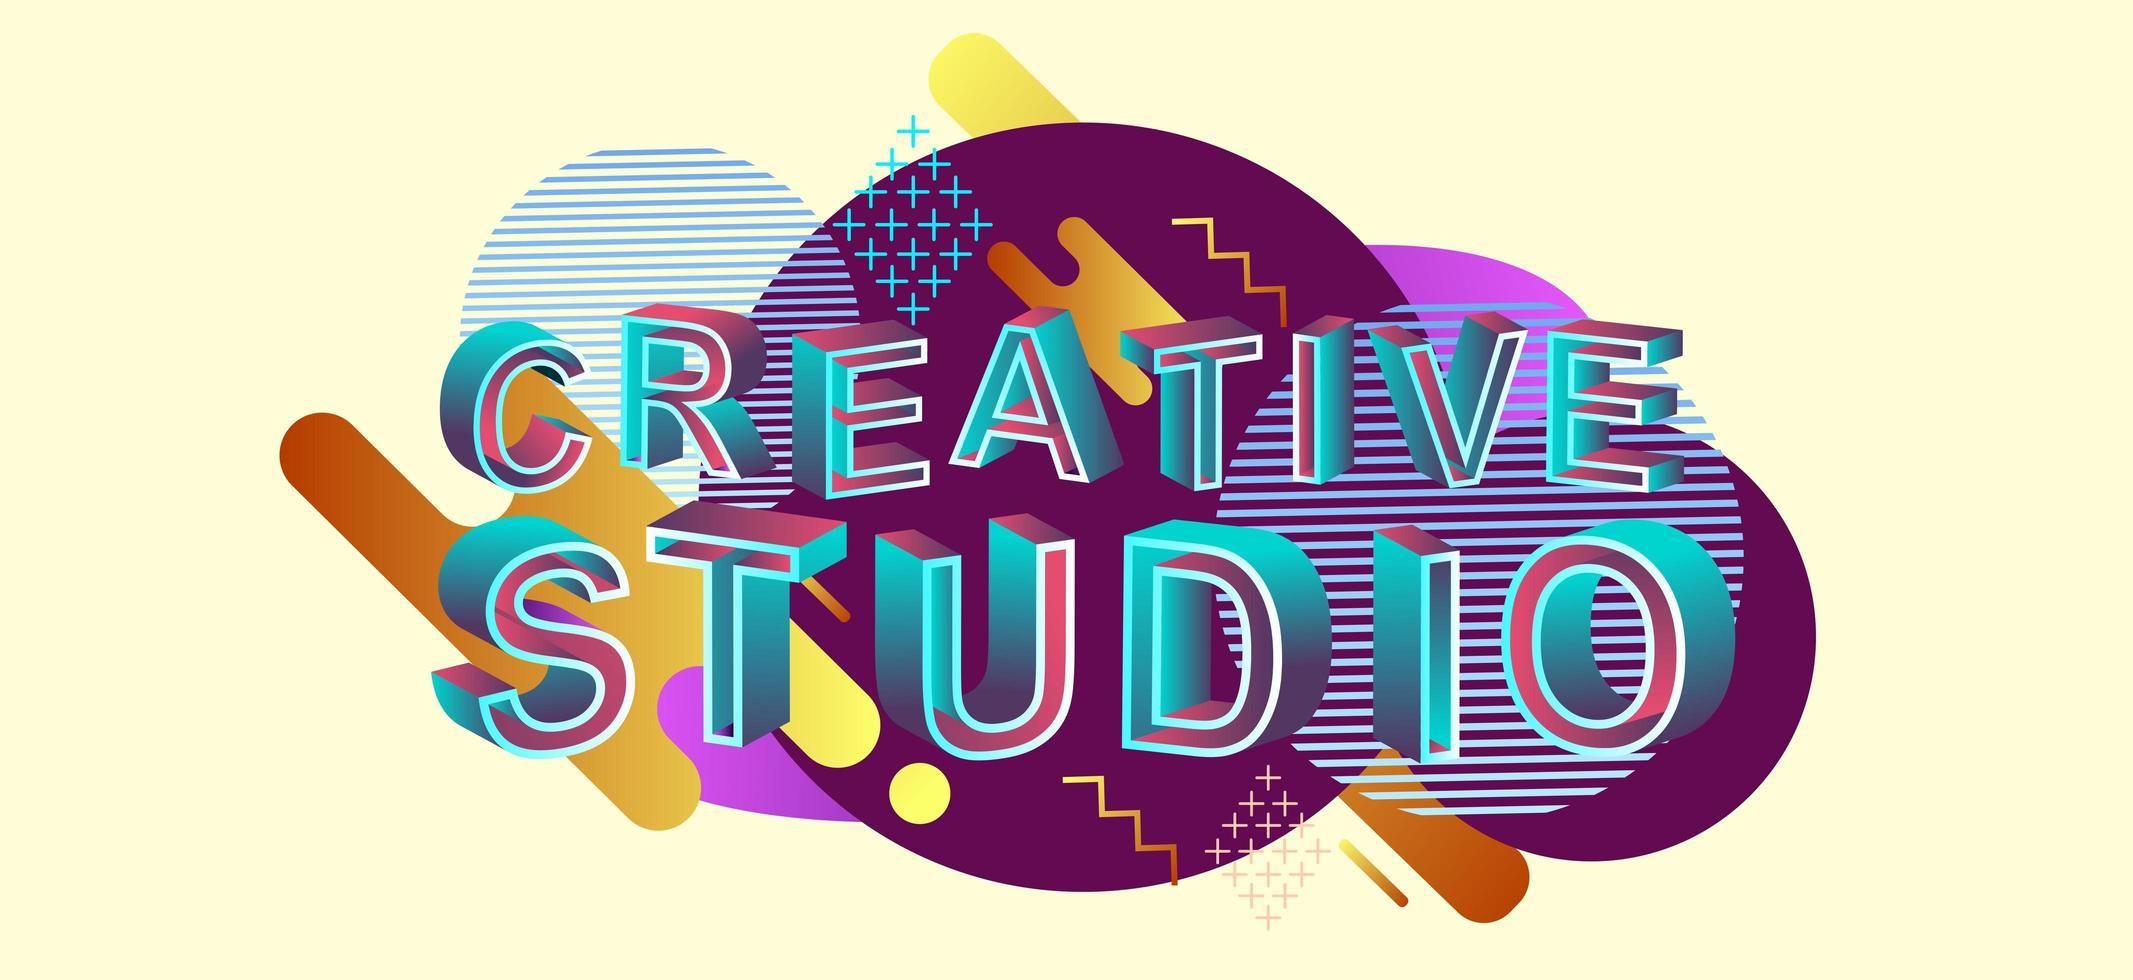 cabeçalho da web de conceito moderno de estúdio criativo vetor